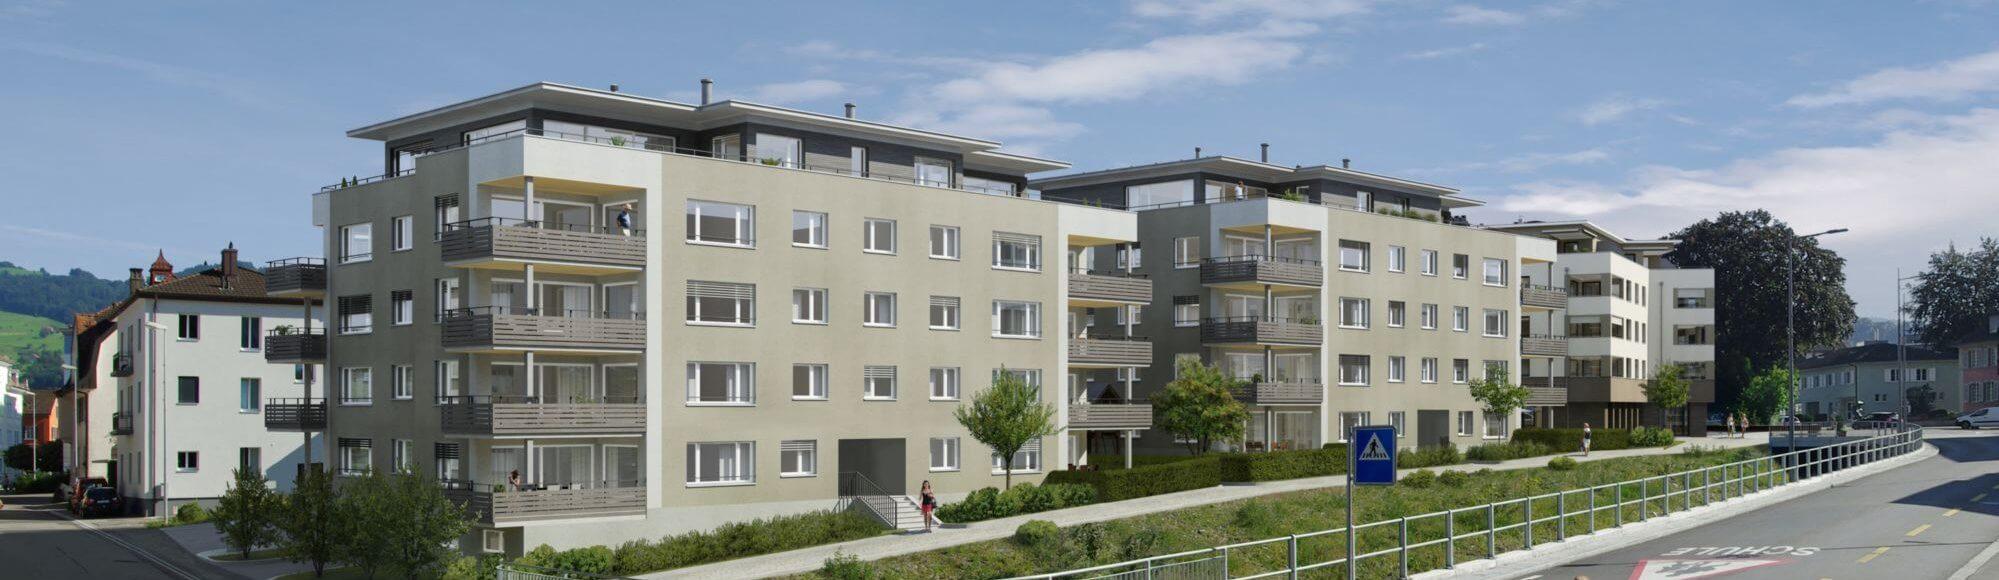 Visualisierung «Wohnen am Dorfbach»